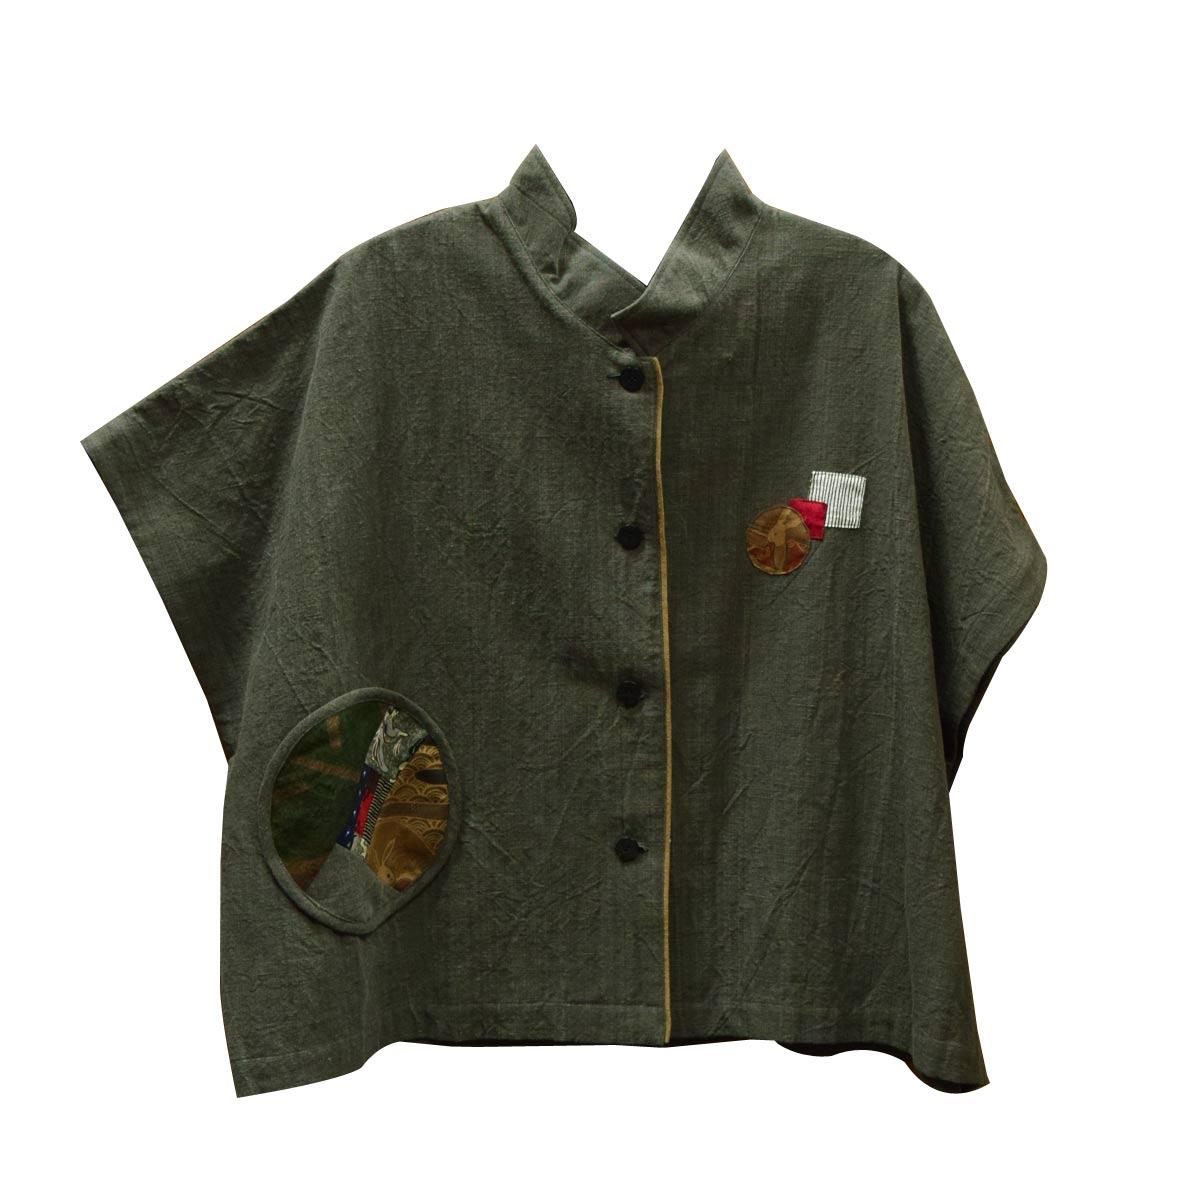 絣衣 トップス 安曇野日本製 フリーサイズd902-22